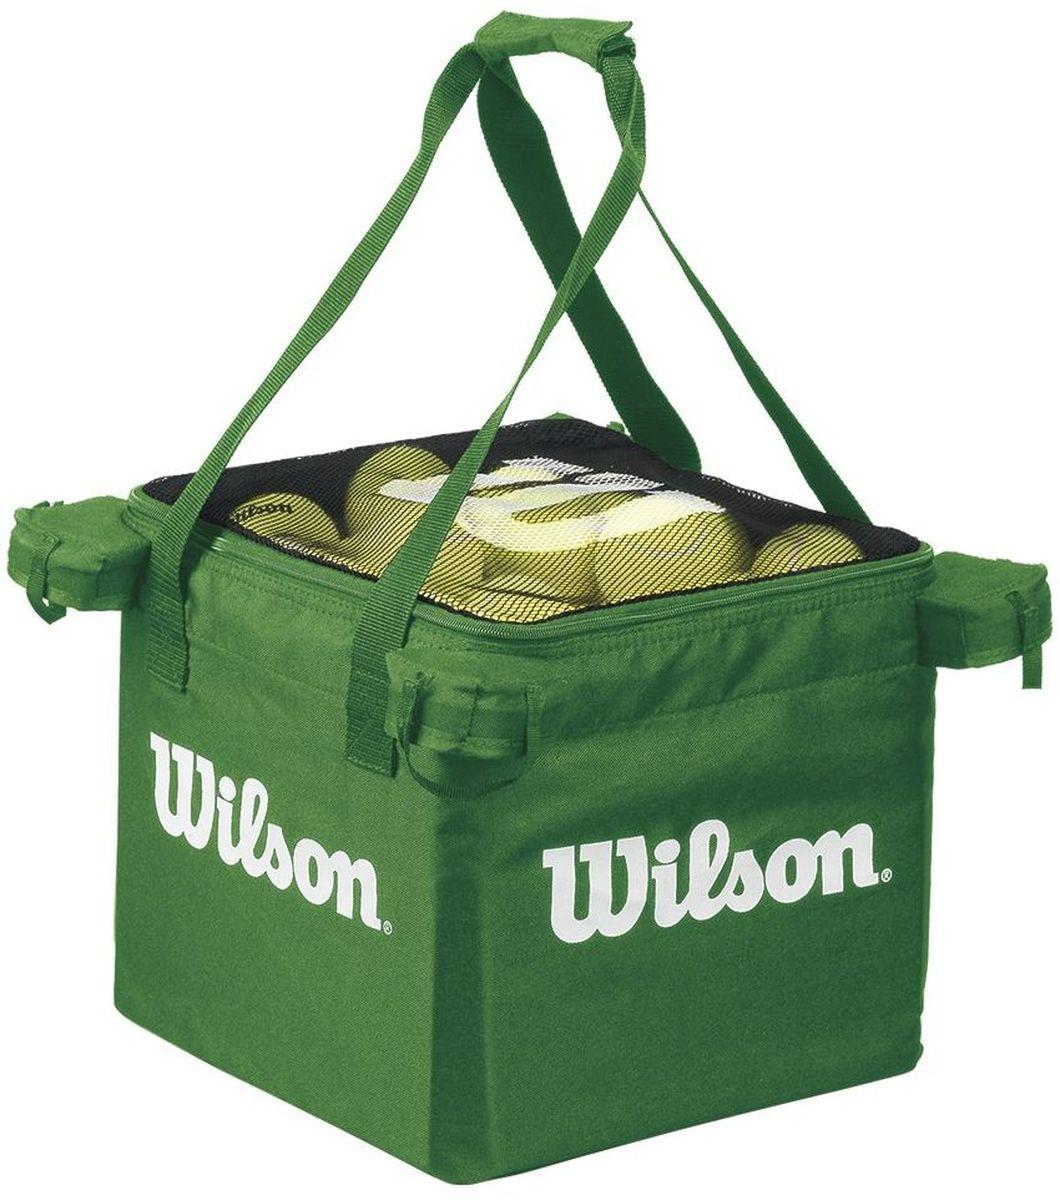 Корзина для мячей Wilson Teaching Cart, цвет: лаймWRZ541200Универсальная корзина для тренировок. Поможет оптимизировать тренировочный процесс. Может использоваться как основная корзина для занятий с детьми в программе Теннис до 10 лет на малых кортах, например Зелёными мячами.